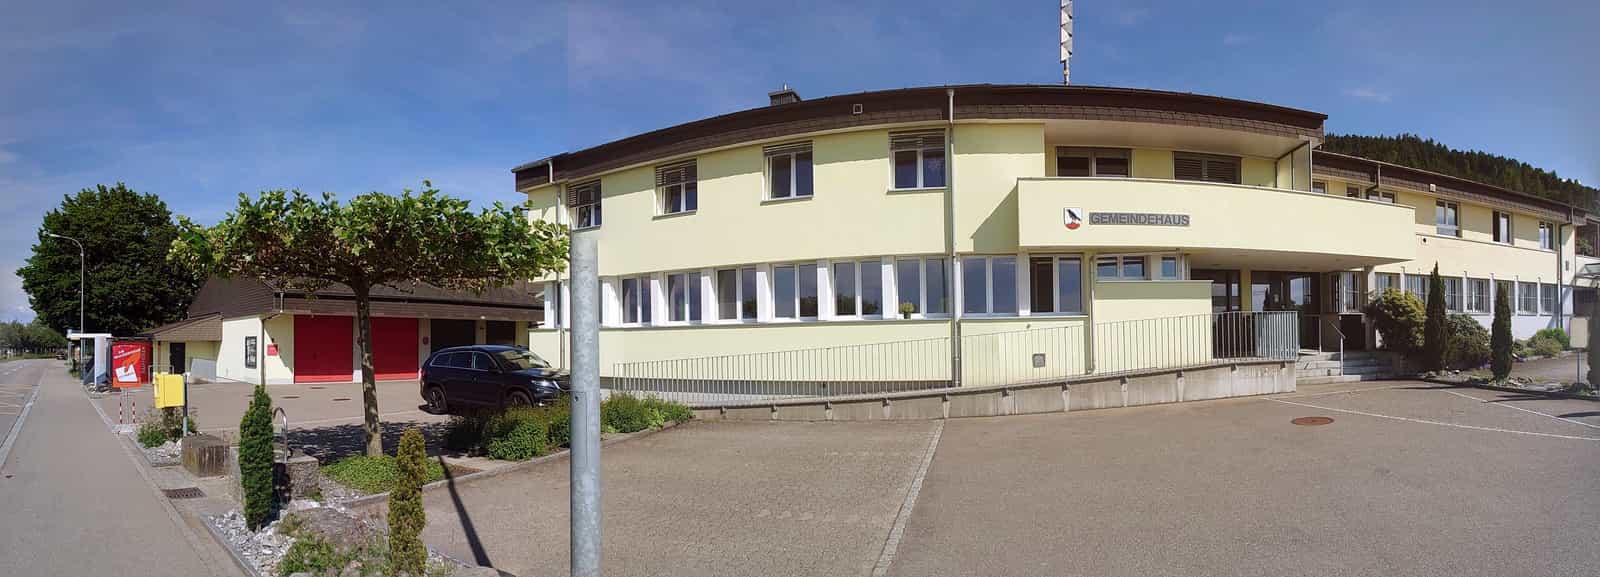 Gemeindehaus Untereggen